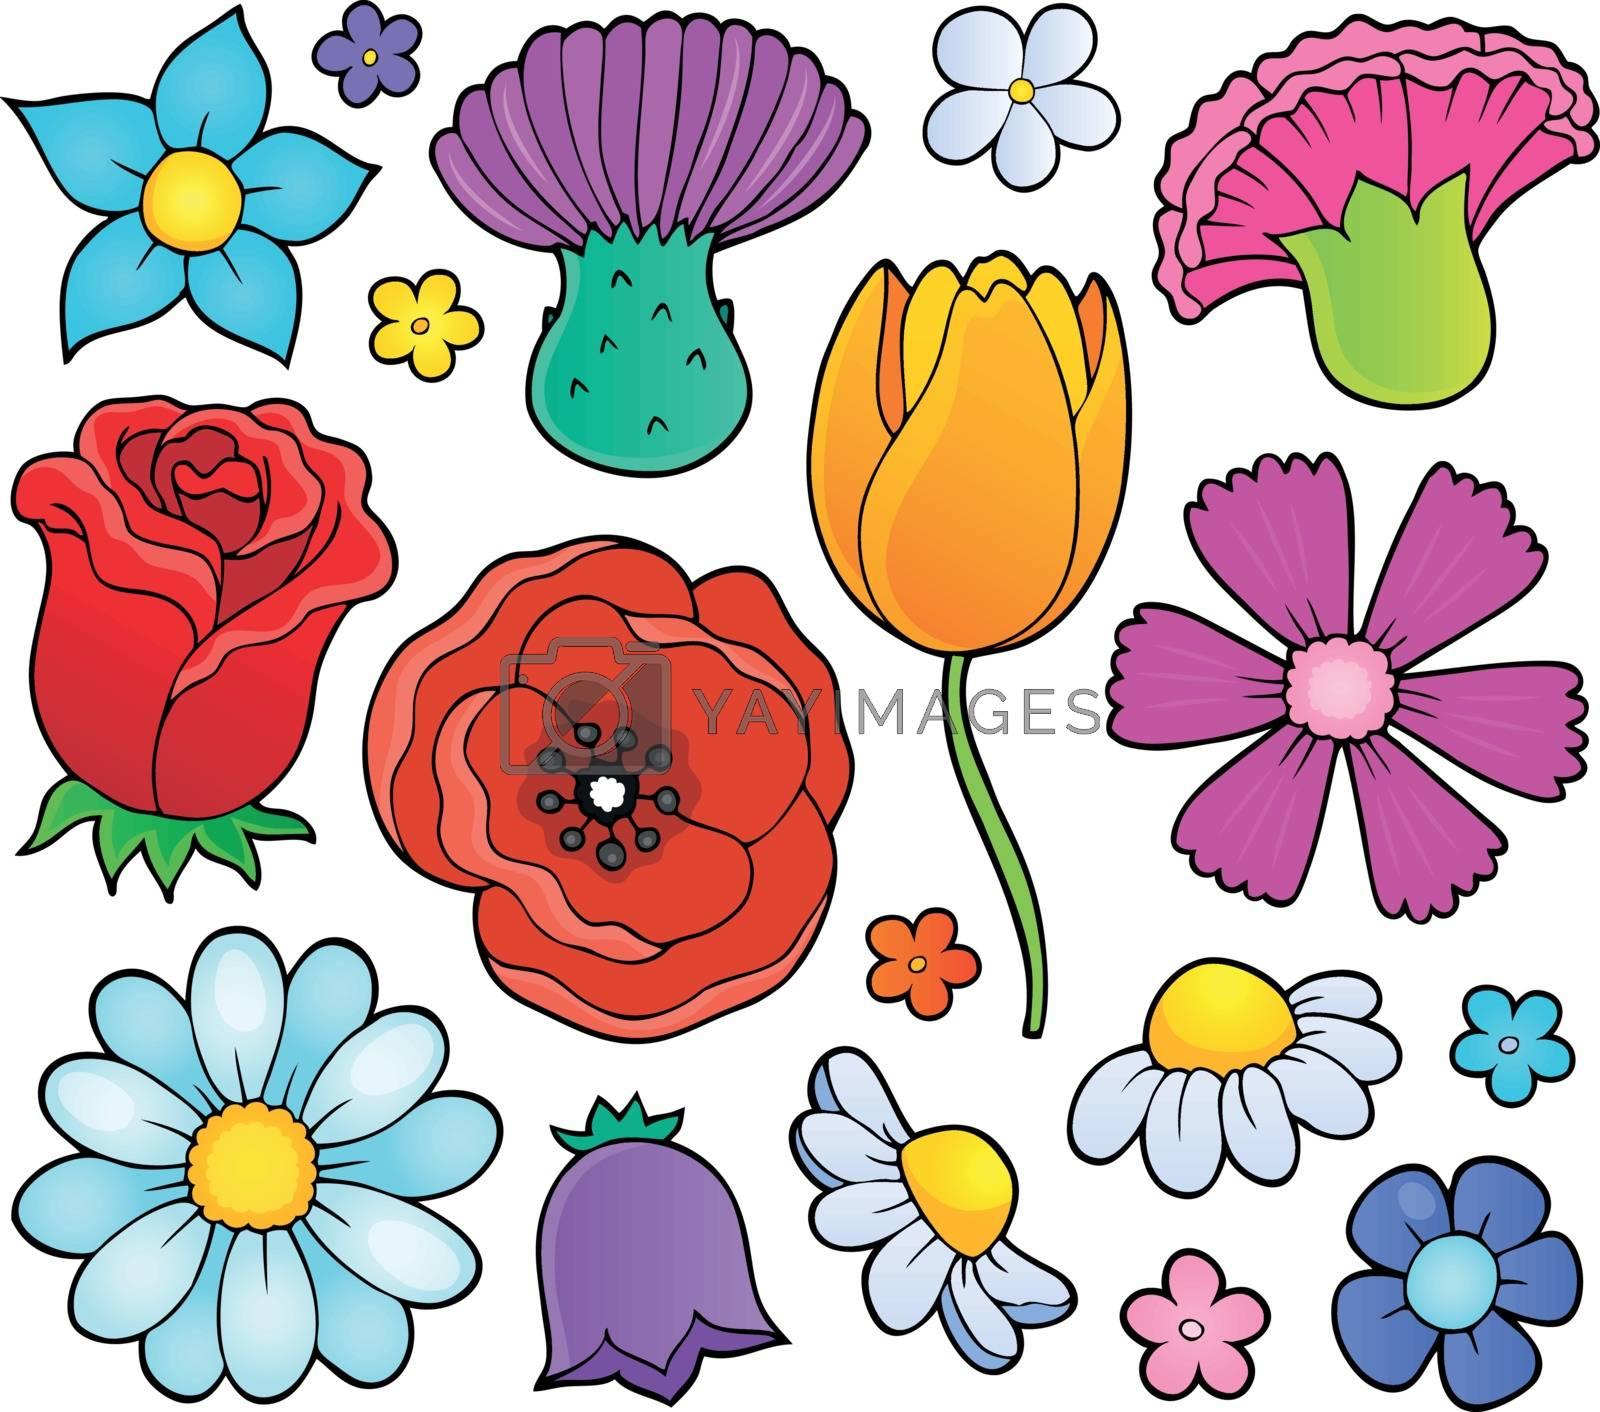 Various flower heads theme set 1 - eps10 vector illustration.